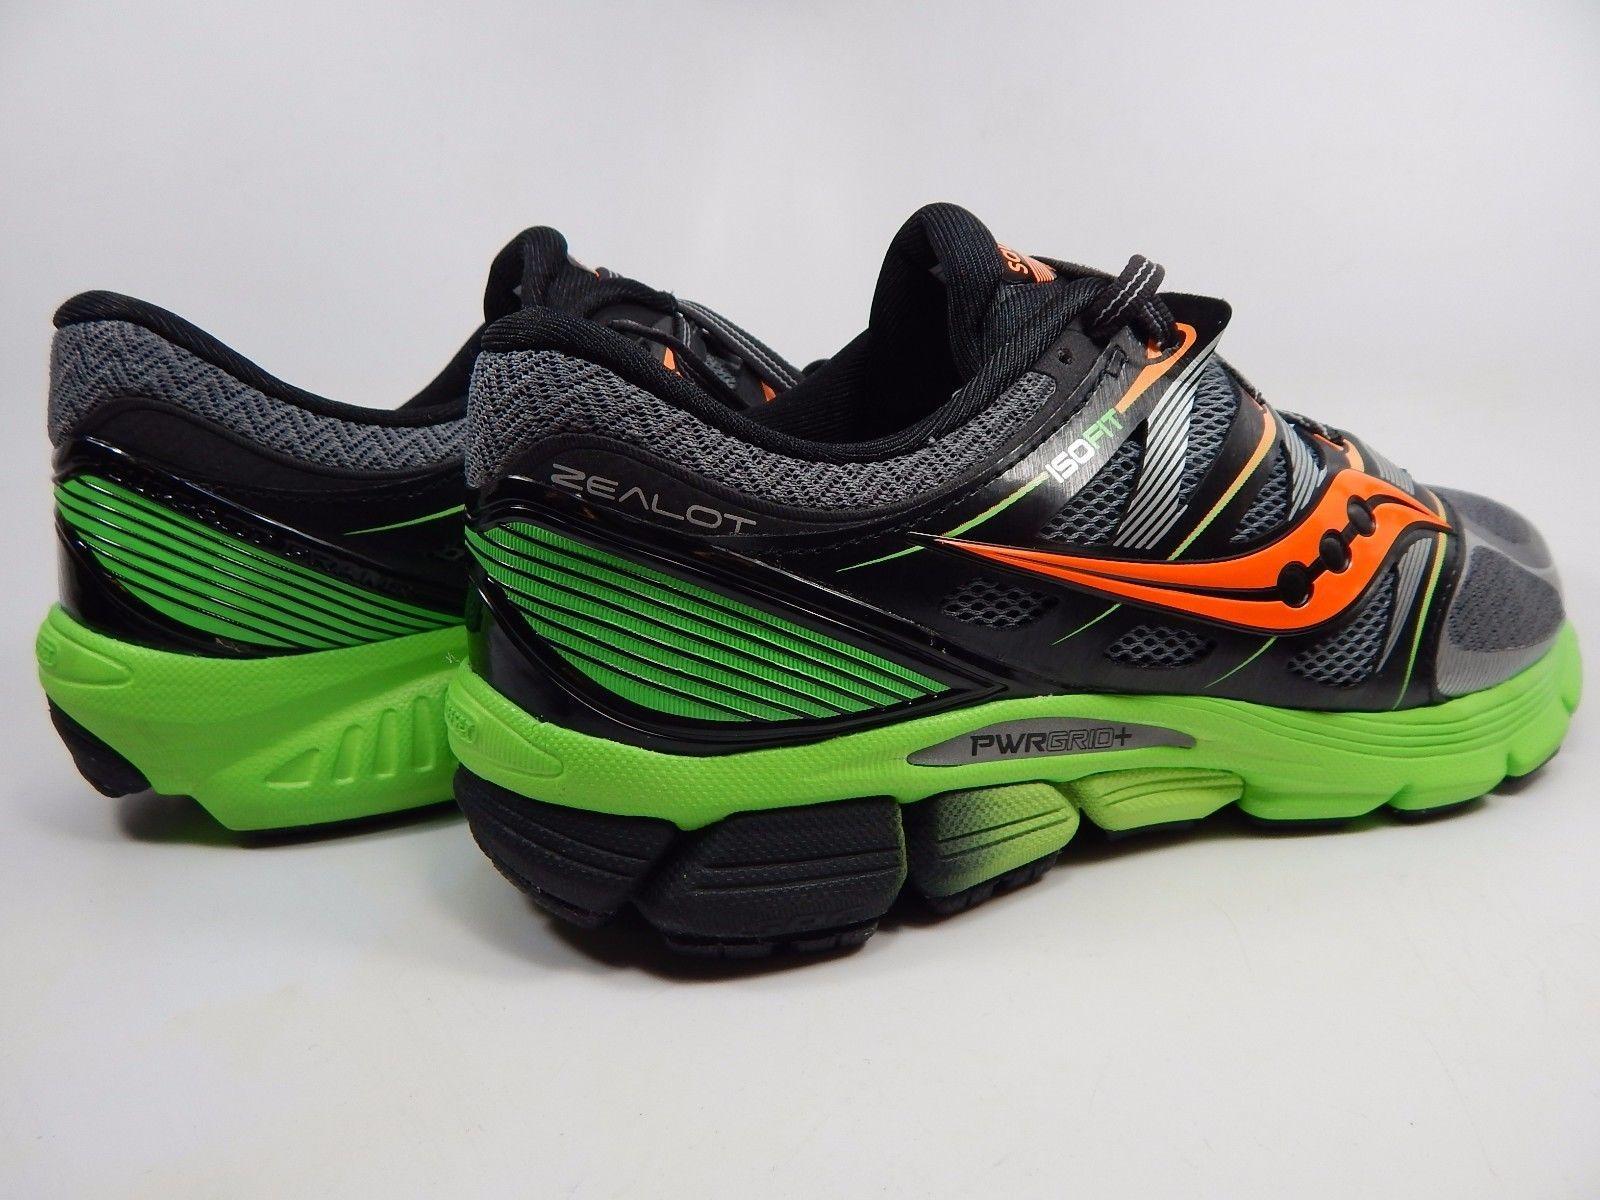 MISMATCH Saucony Zealot ISO Men's Shoes Size US 11.5 M (D) Left & 11 M (D) Right